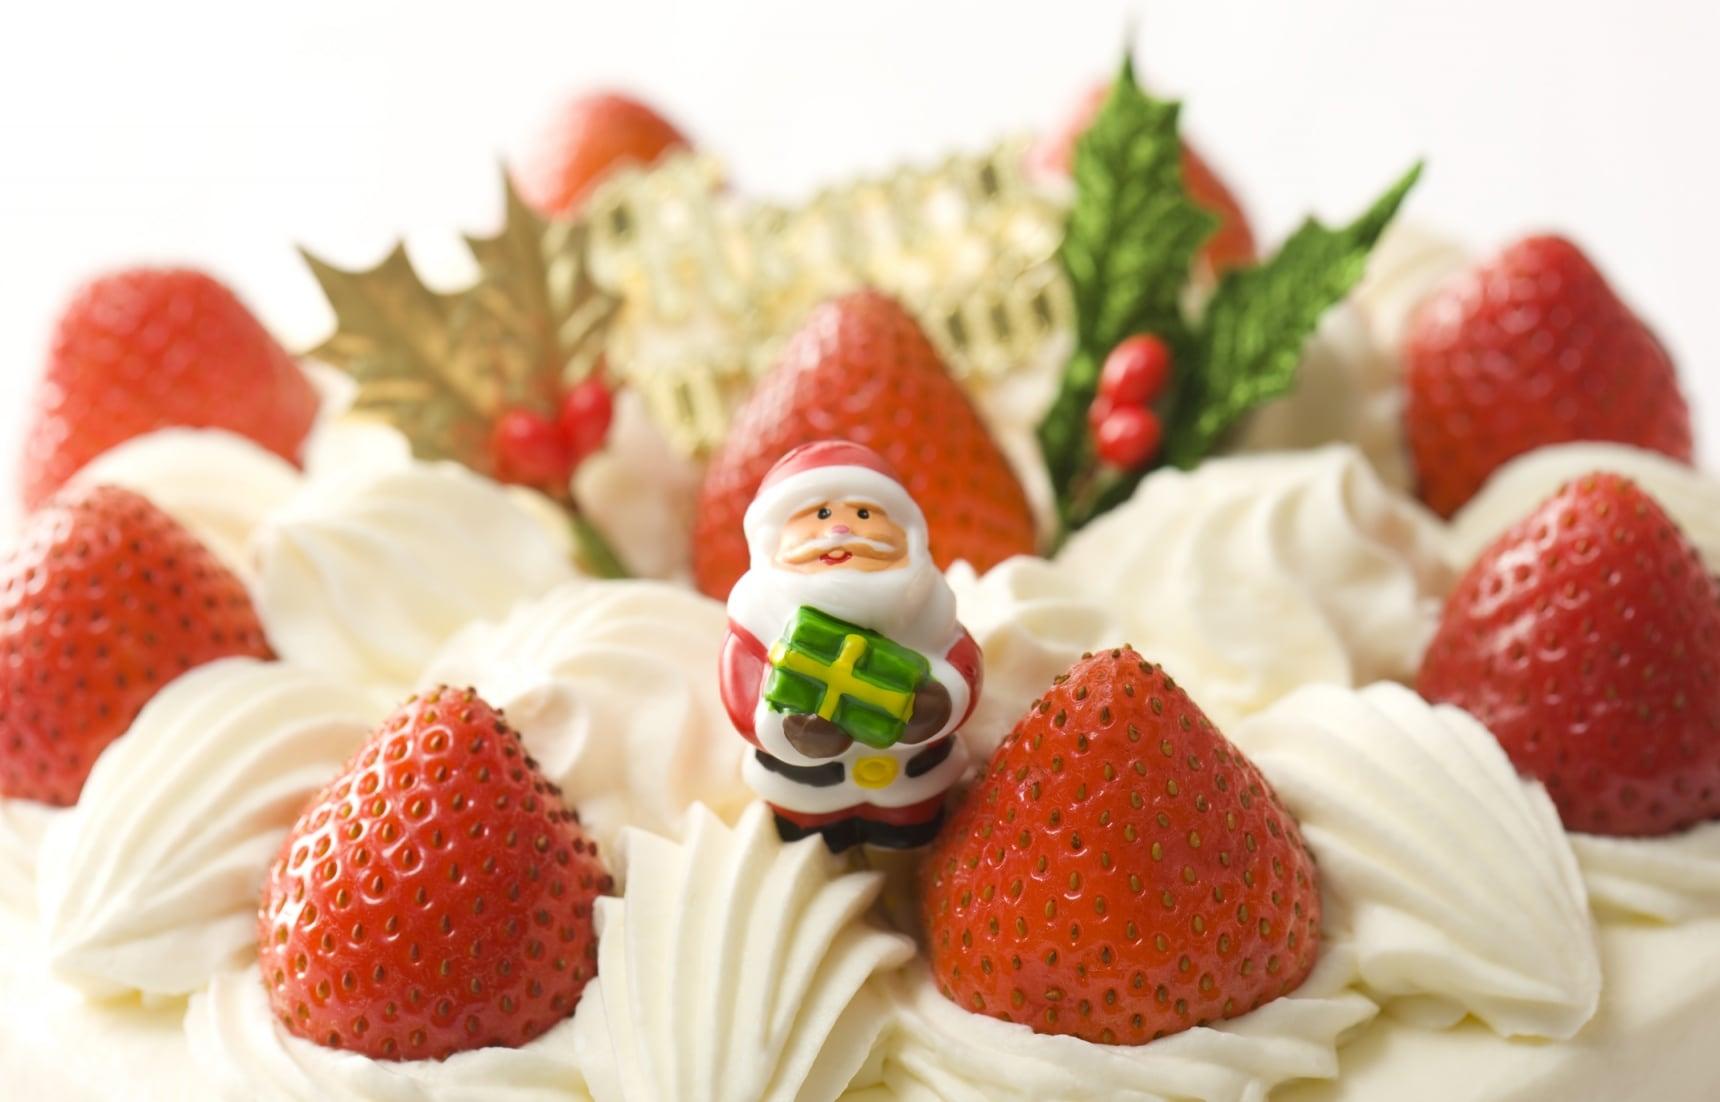 挑来选去还是它!日本圣诞蛋糕的经典款鲜奶草莓蛋糕